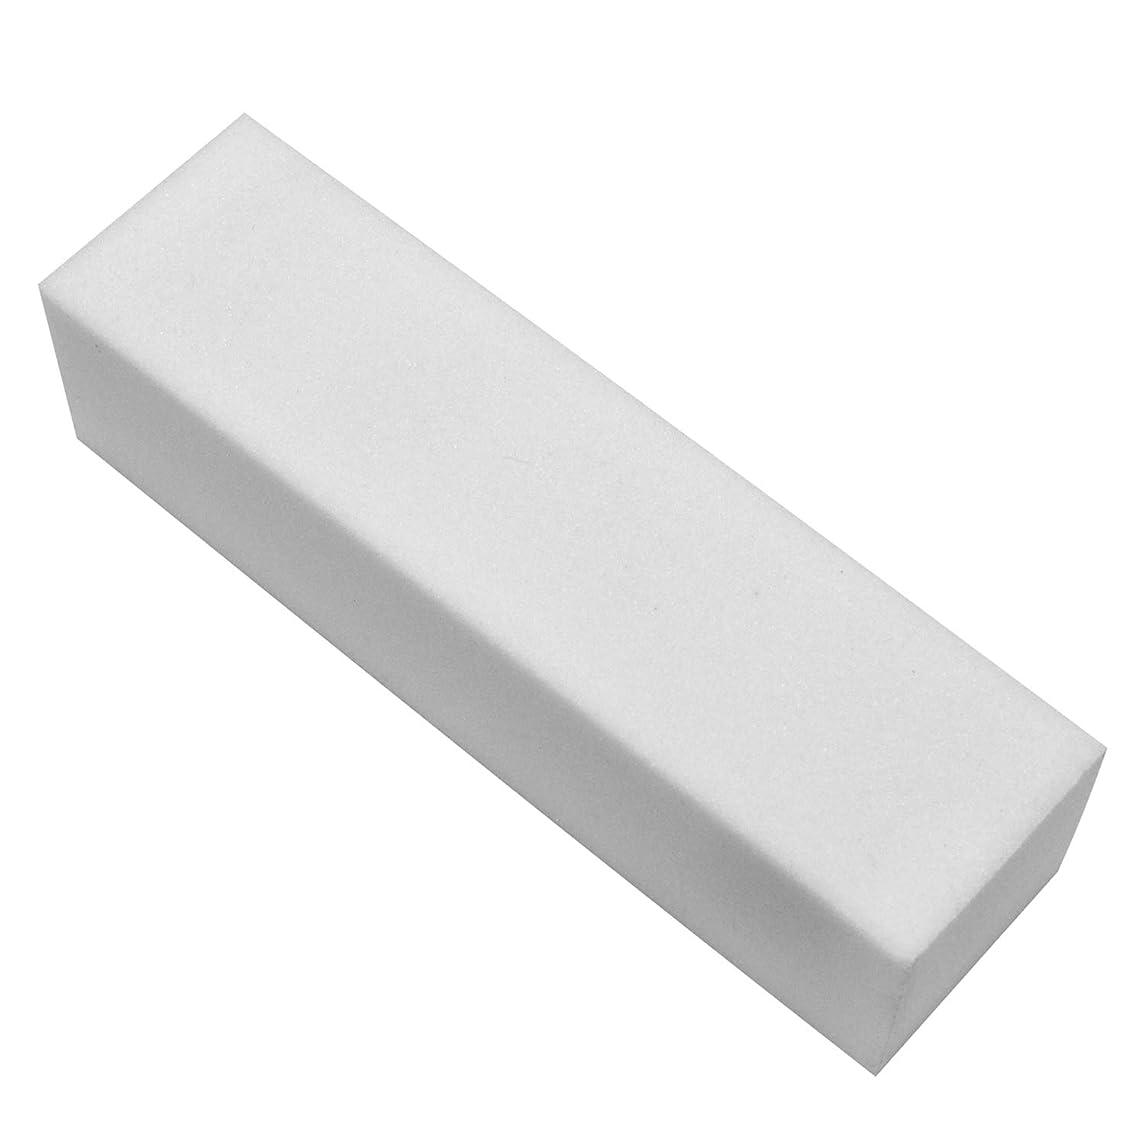 騙す優しいスクランブルネルパラ ホワイトブロック (ファイル) 25x25x95mm